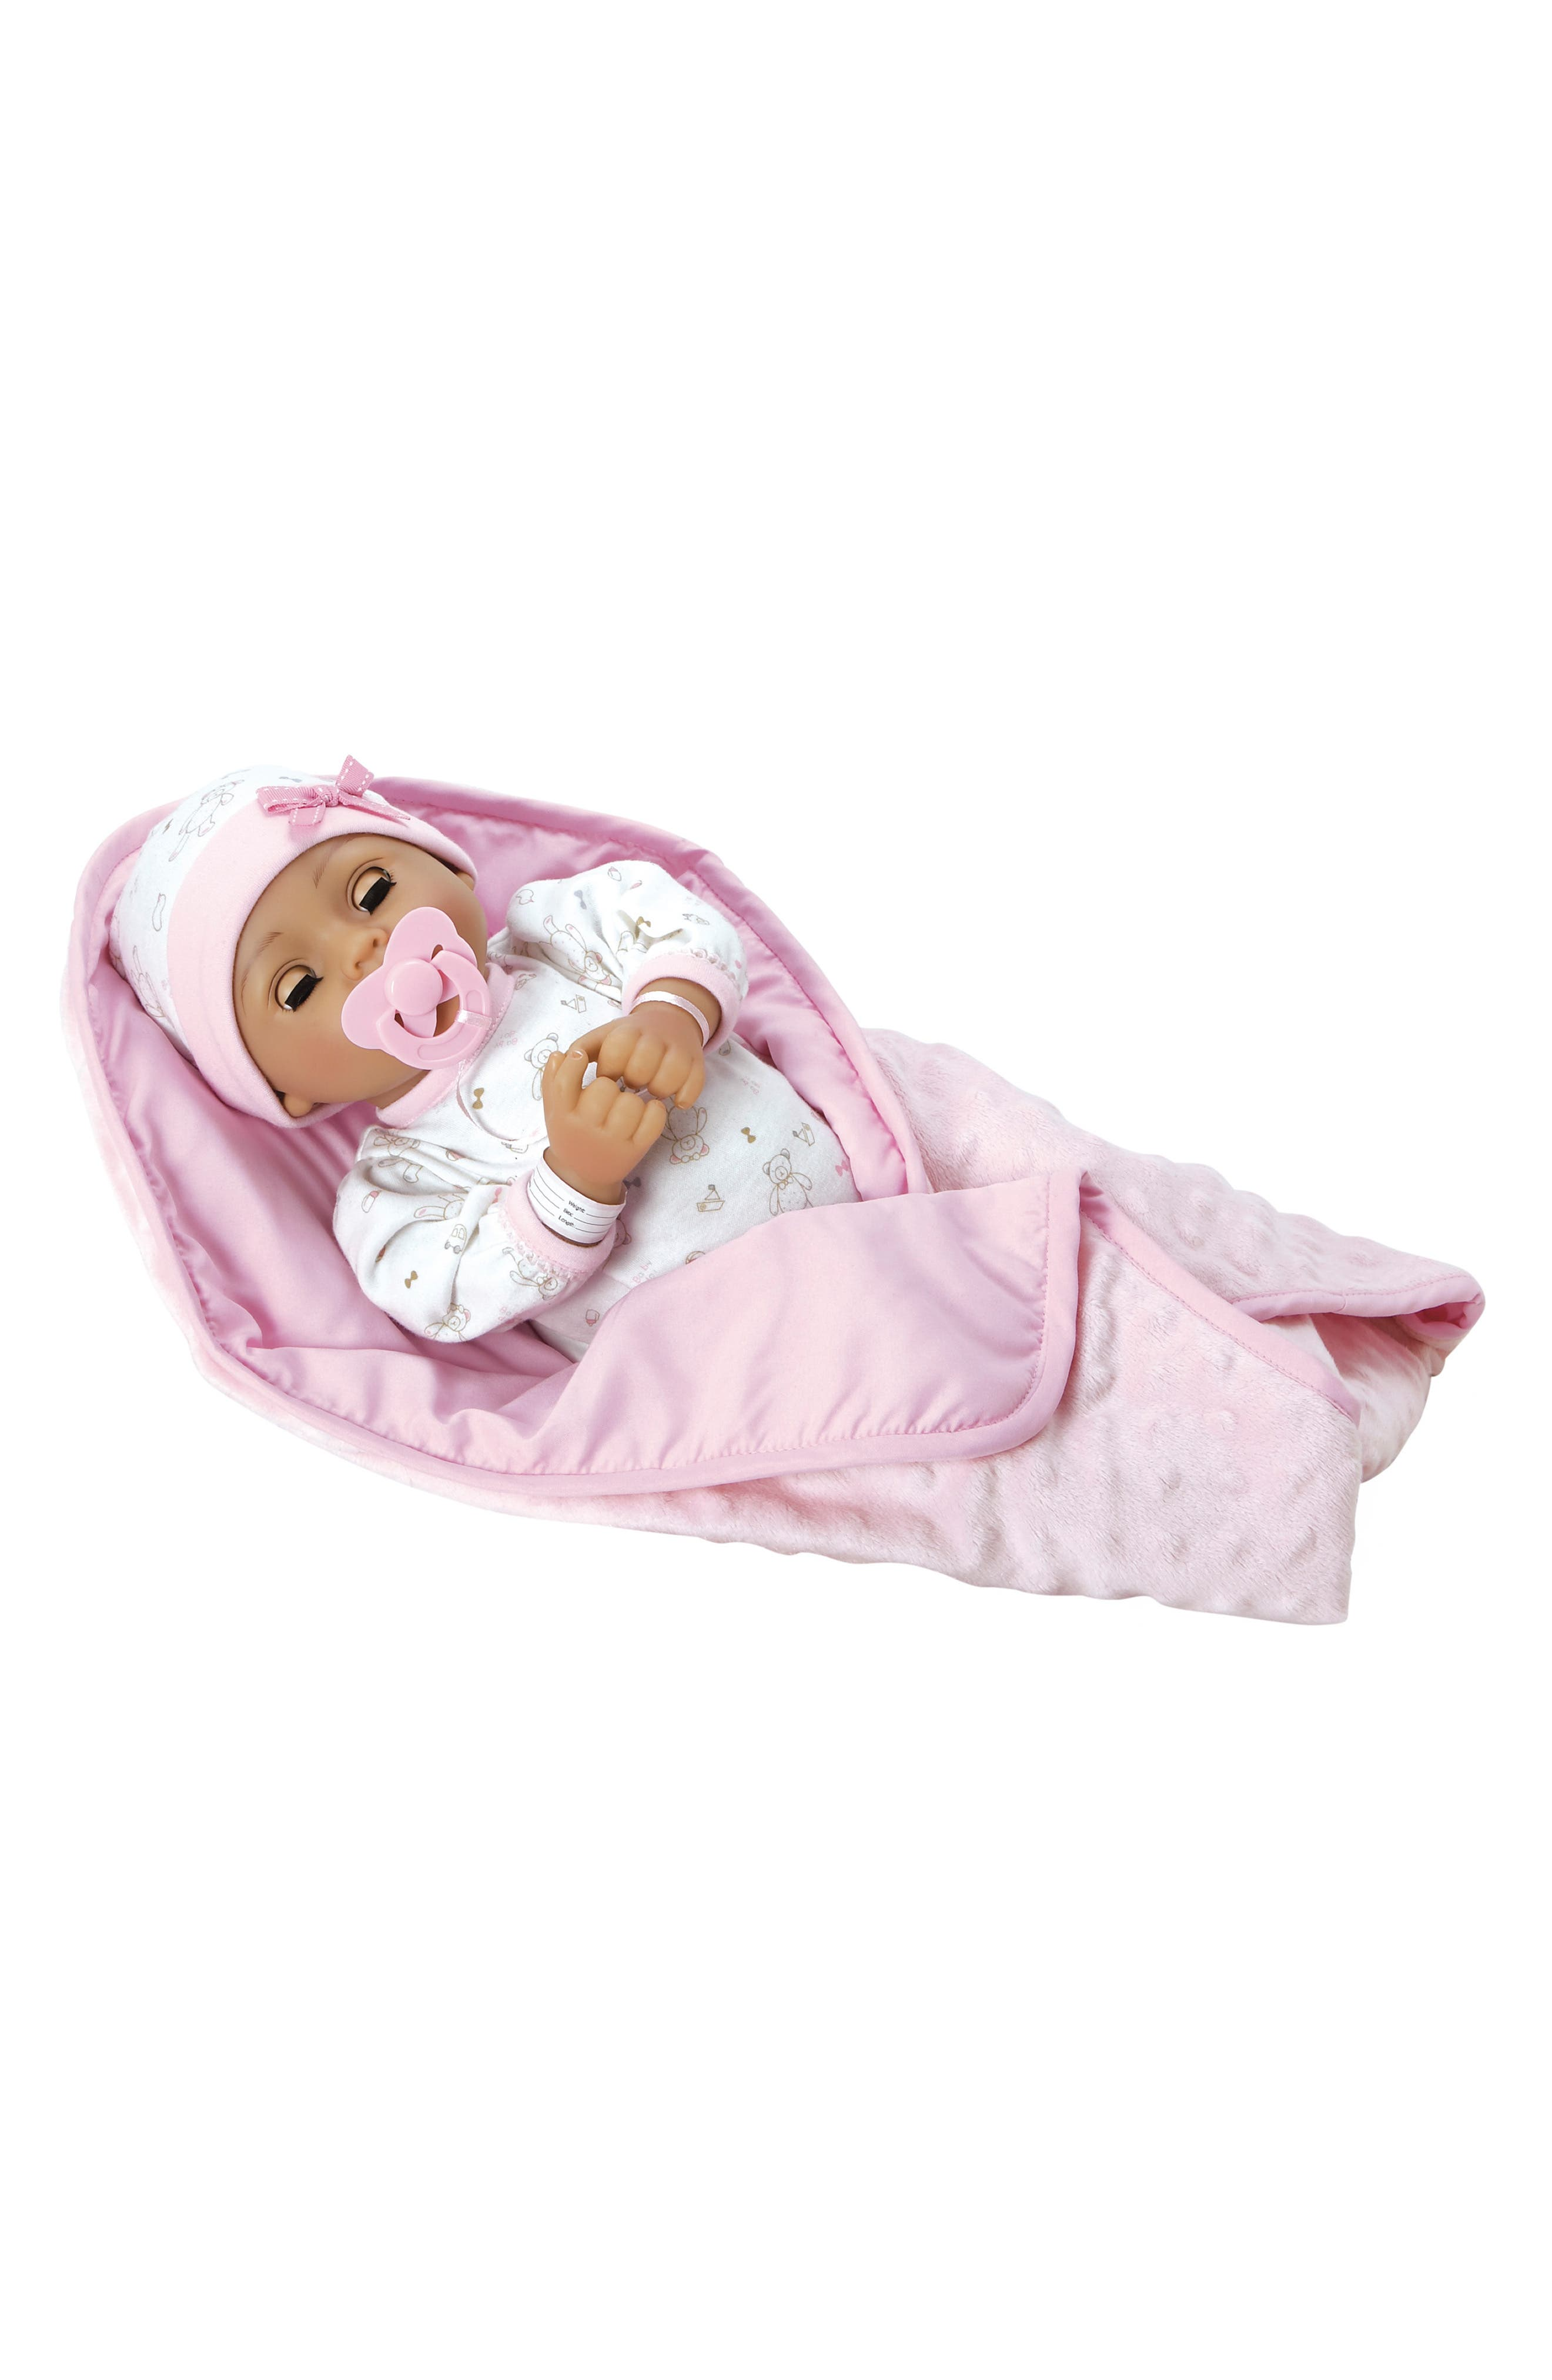 ADORA Precious Baby Doll with Adoption Certificate, Main, color, PRECIOUS